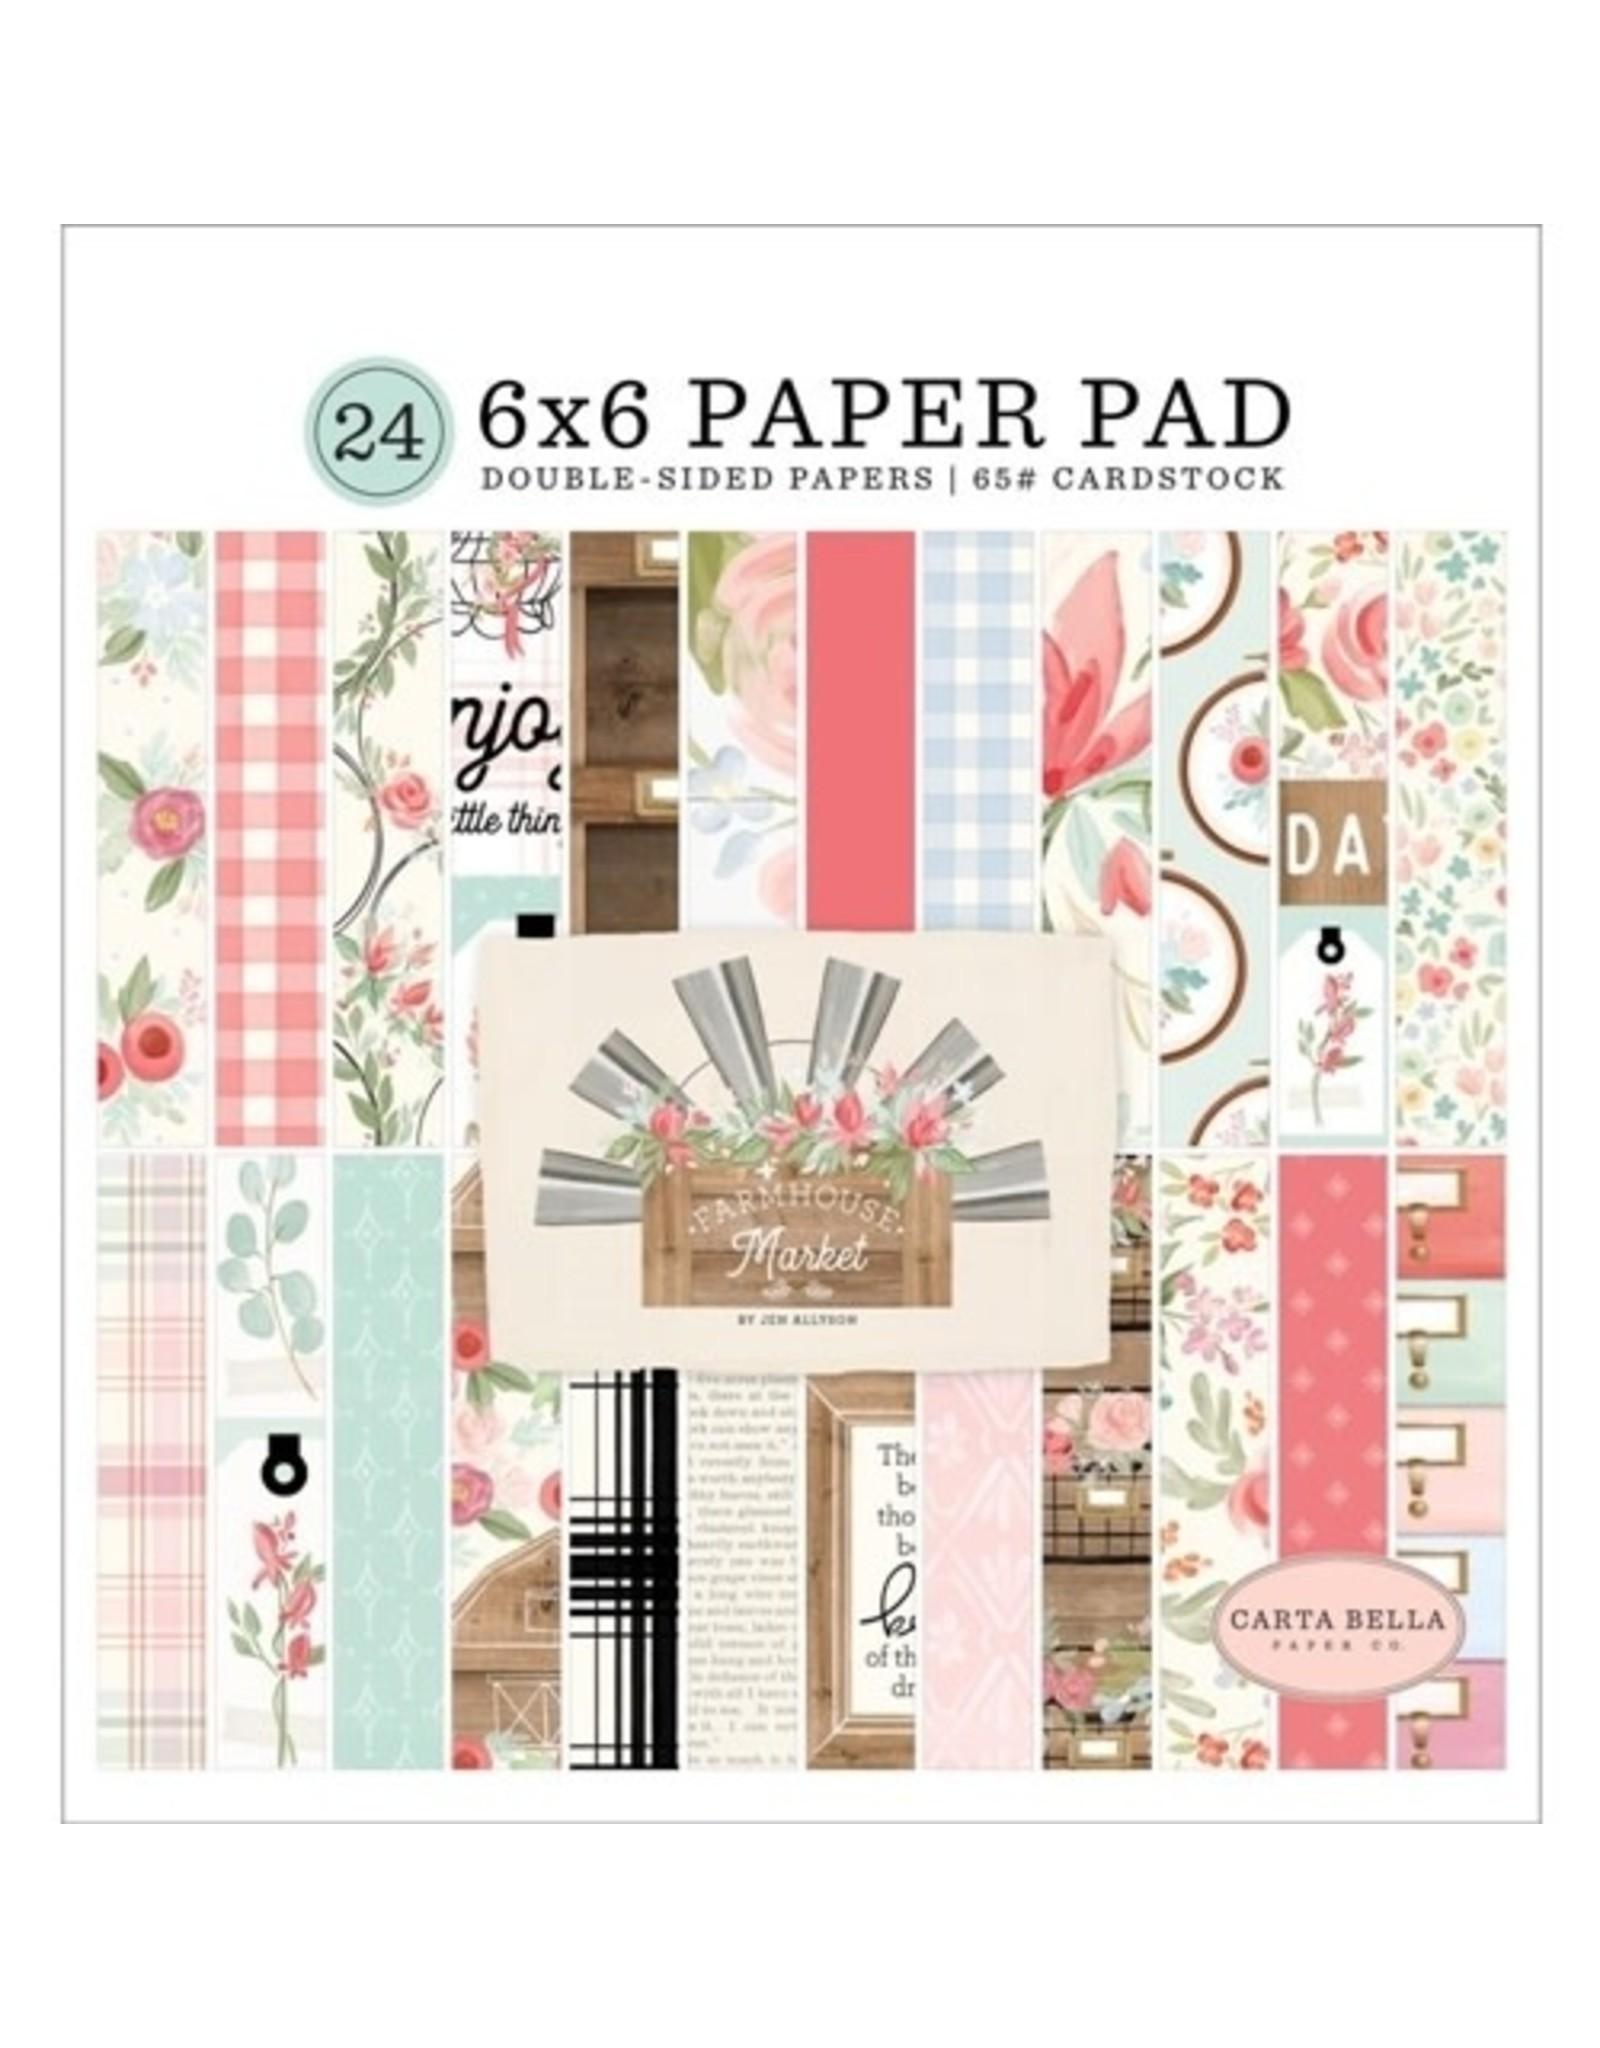 Carta Bella Paper Company, LLC Farmhouse Market - 6x6 Paper Pad